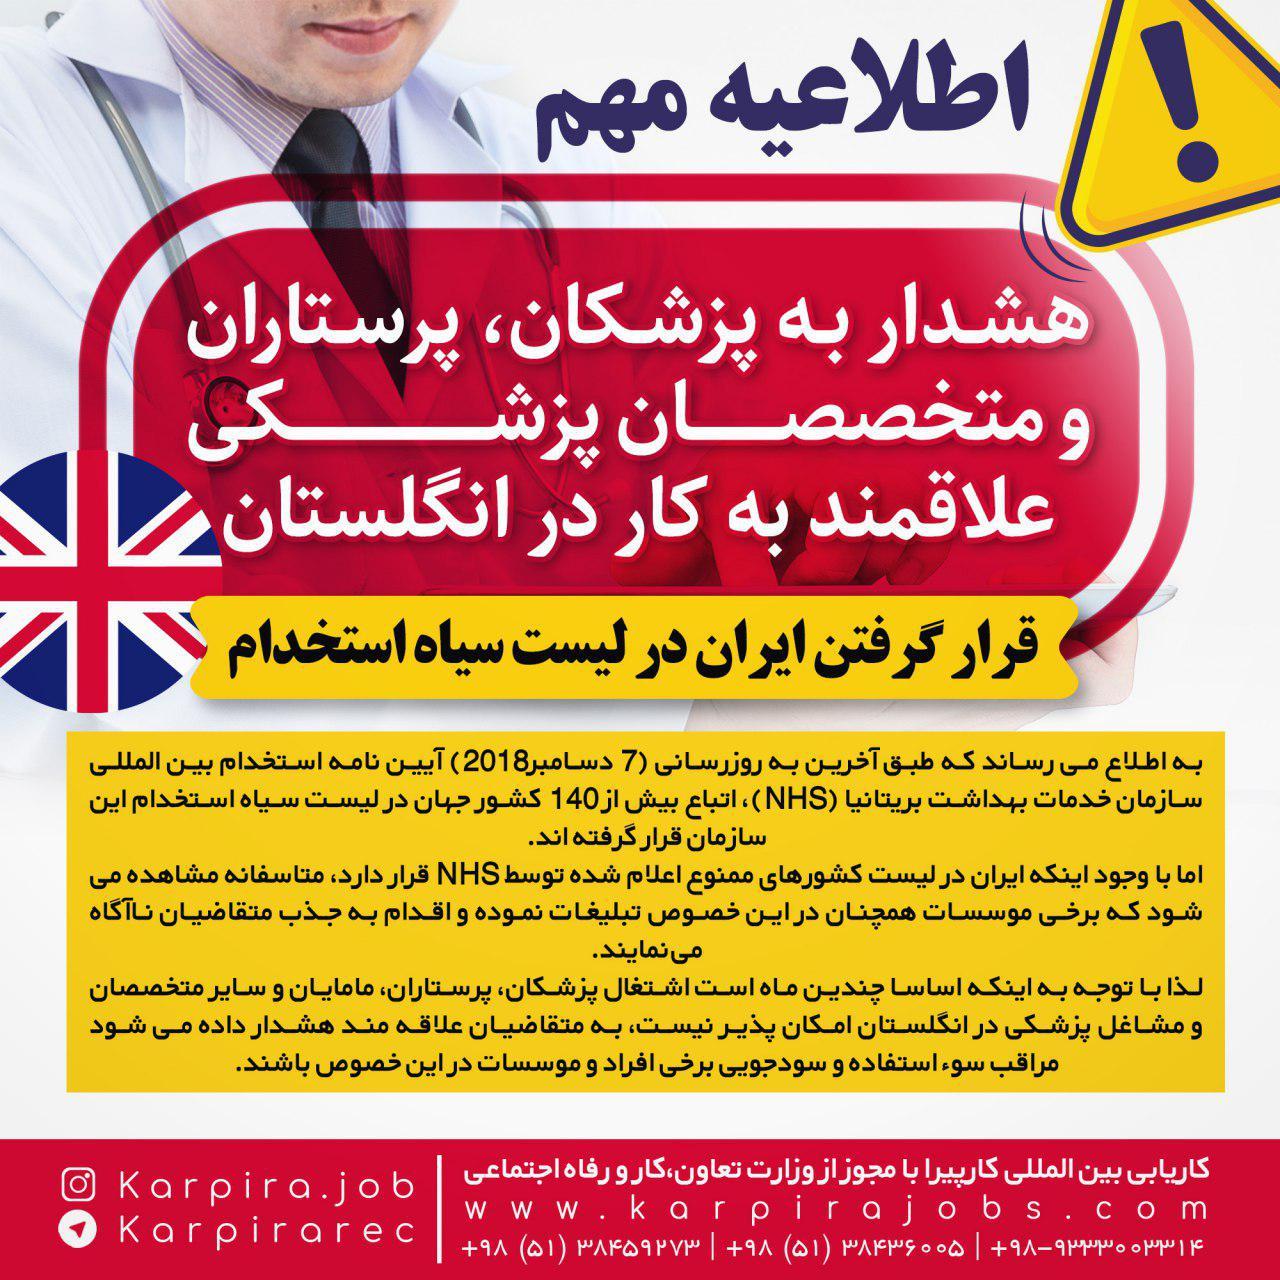 ایران در لیست سیاه استخدام پزشکان در انگلستان